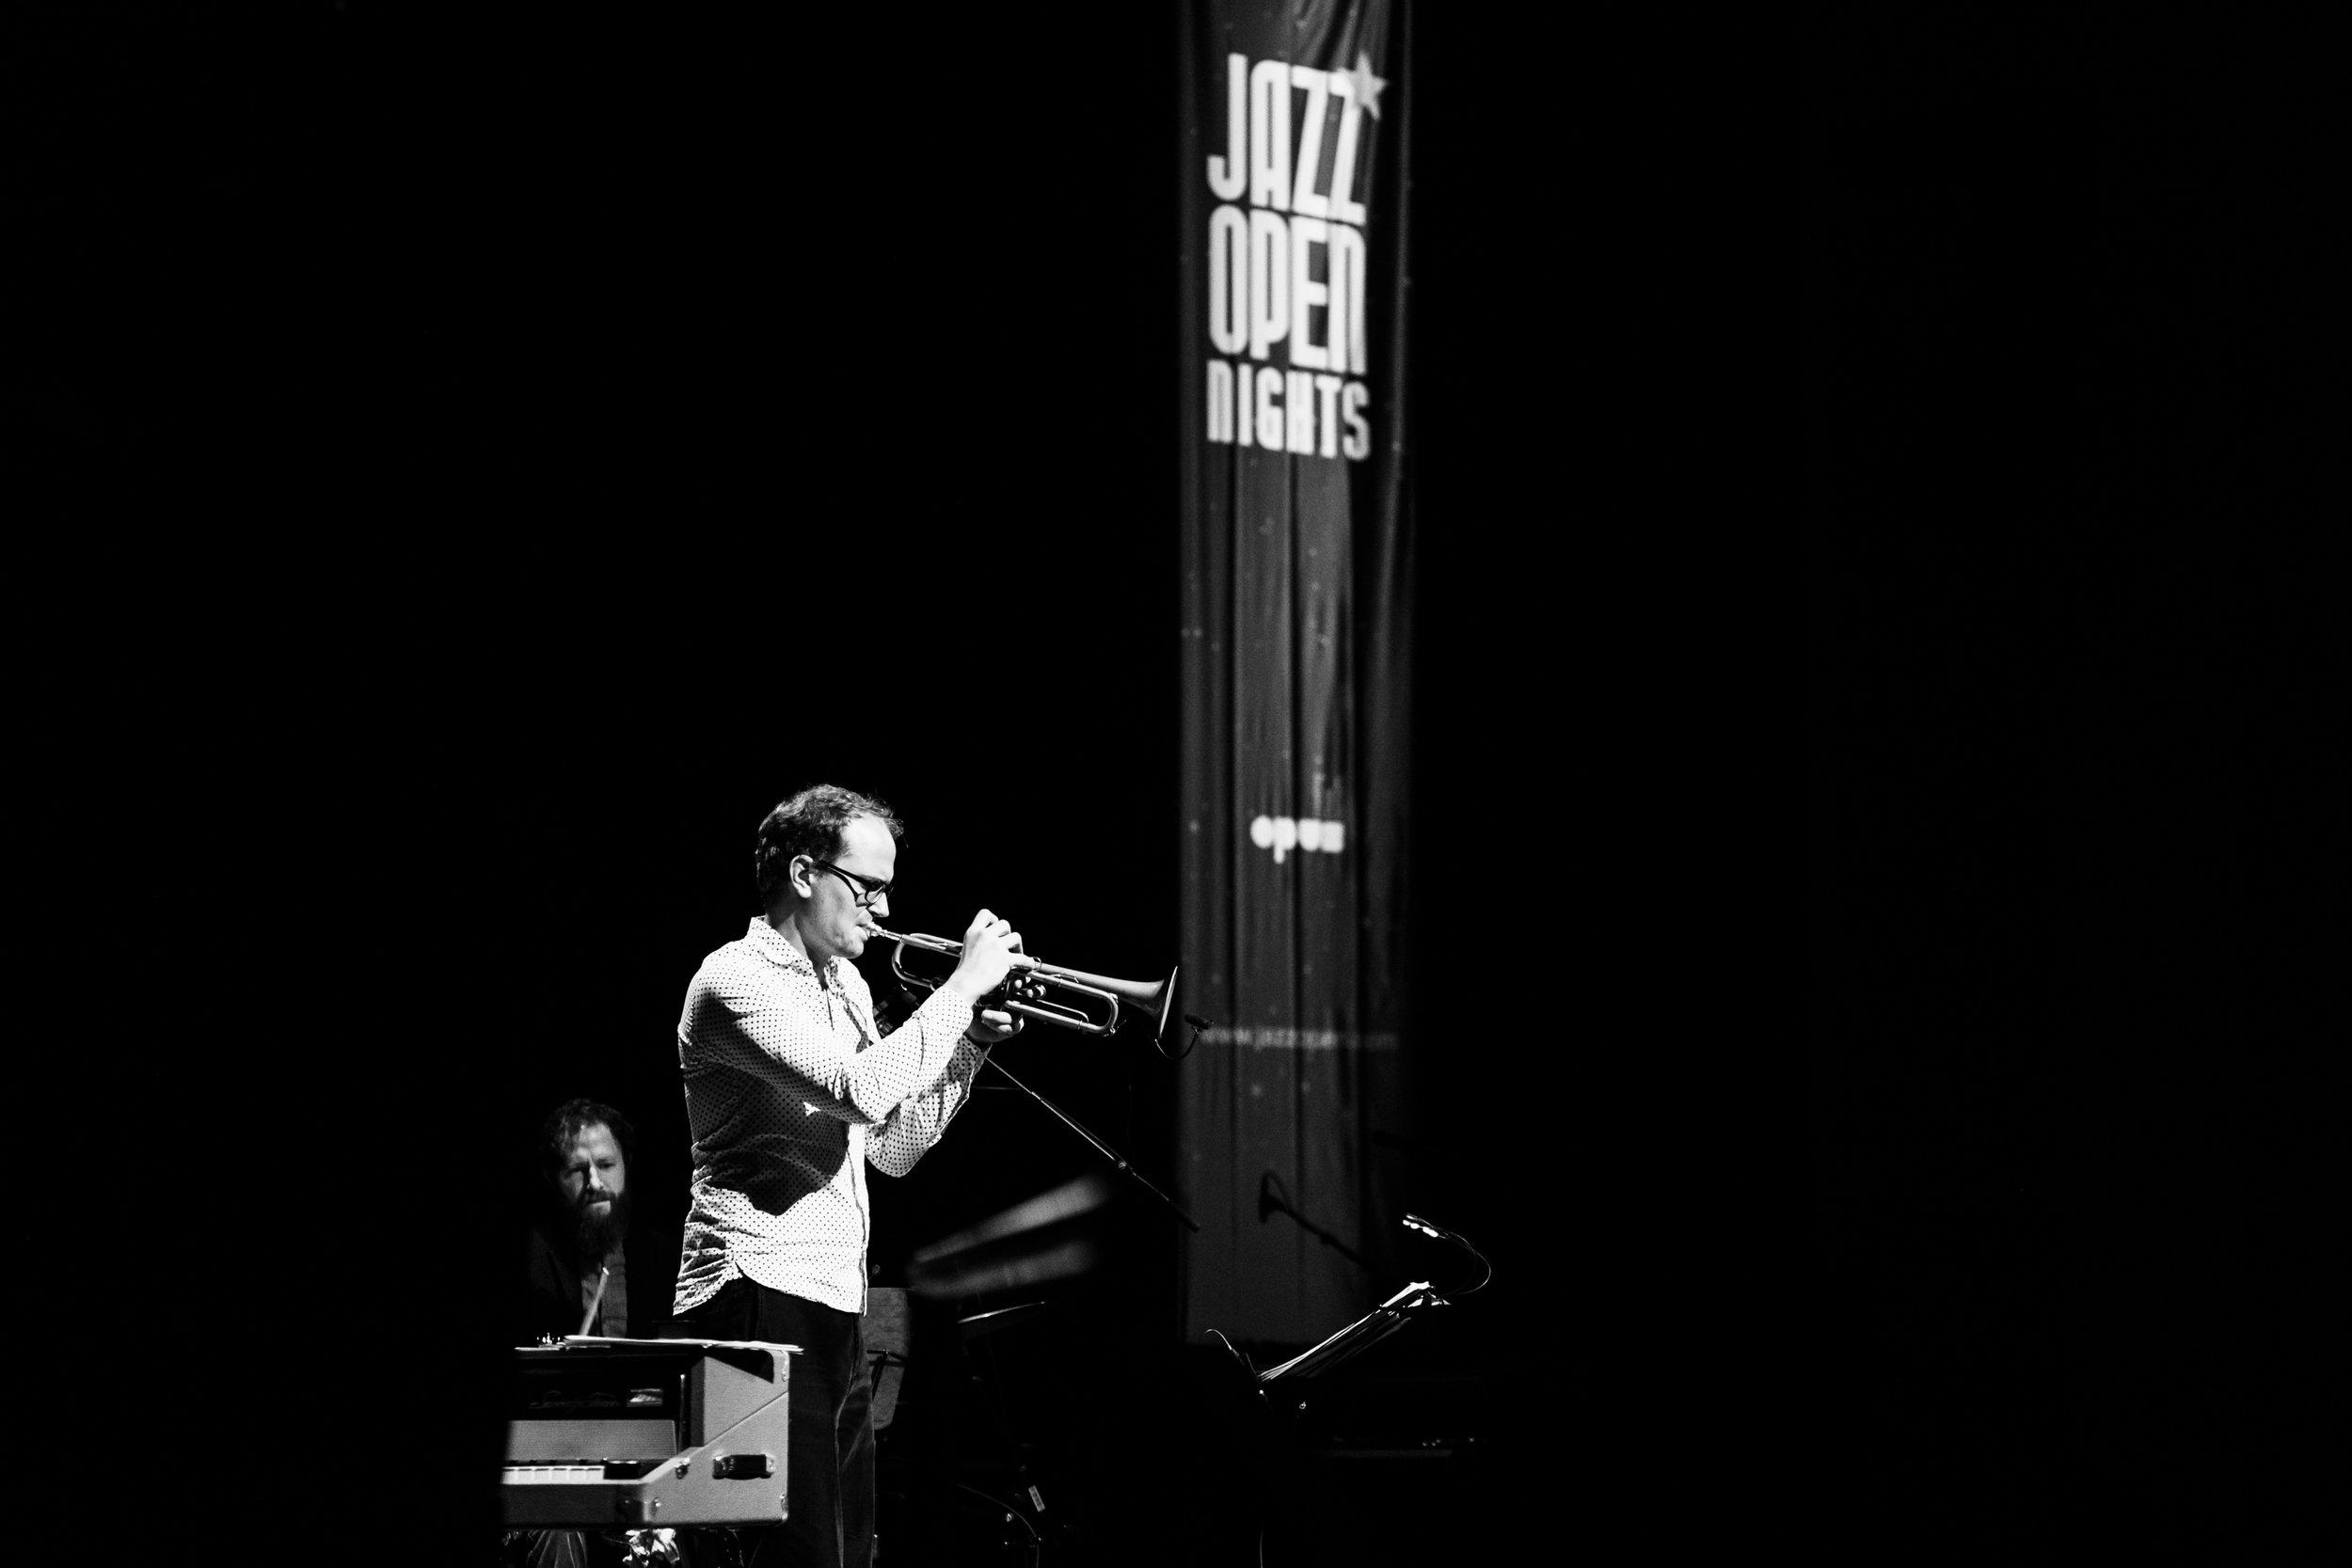 20171102_jazzopen-night-10.jpg